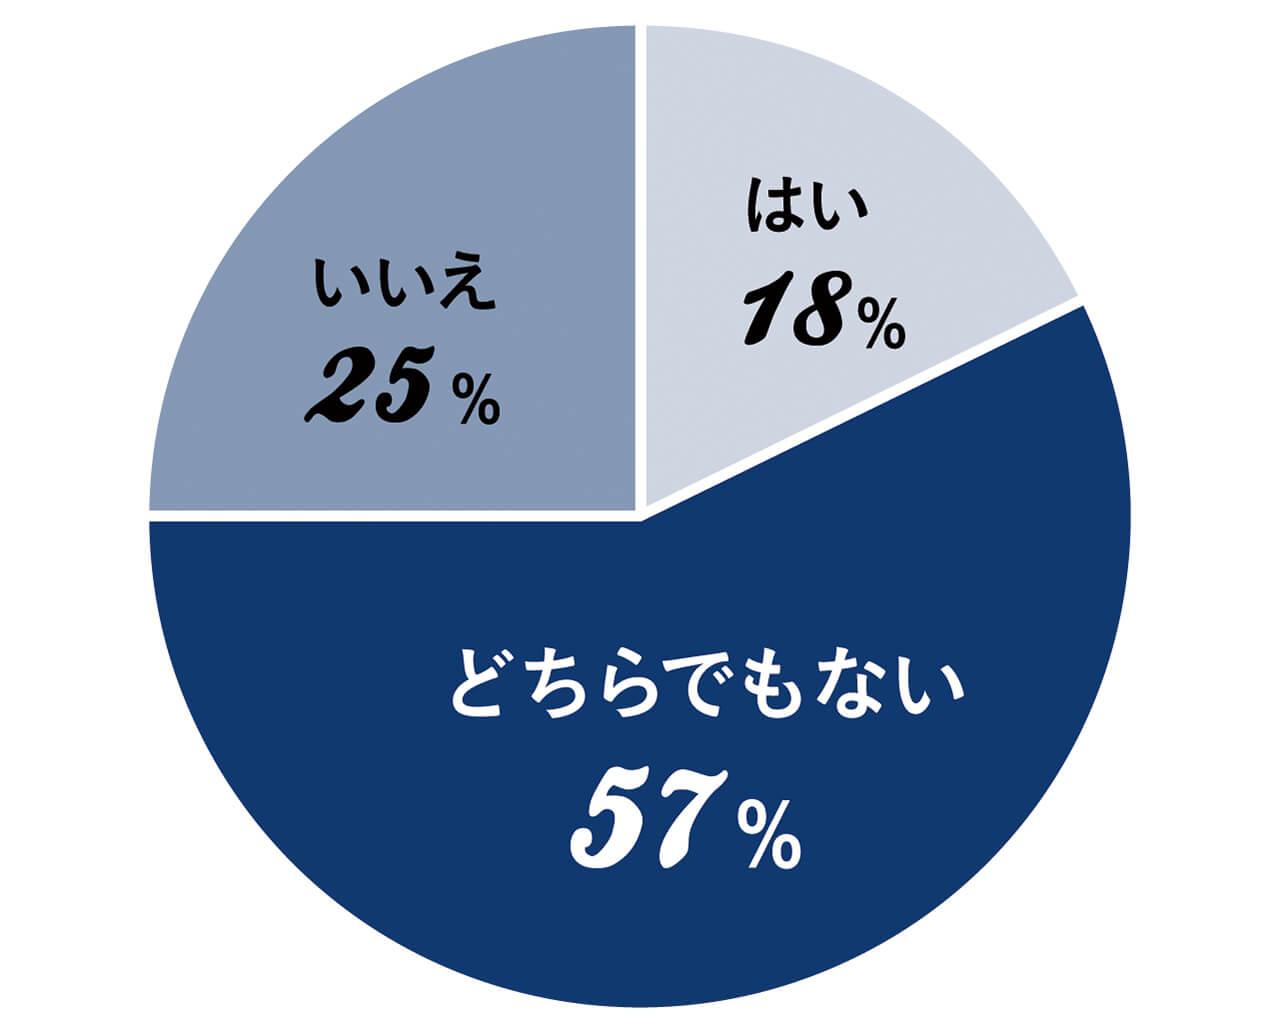 はい18% どちらでもない57% いいえ25%